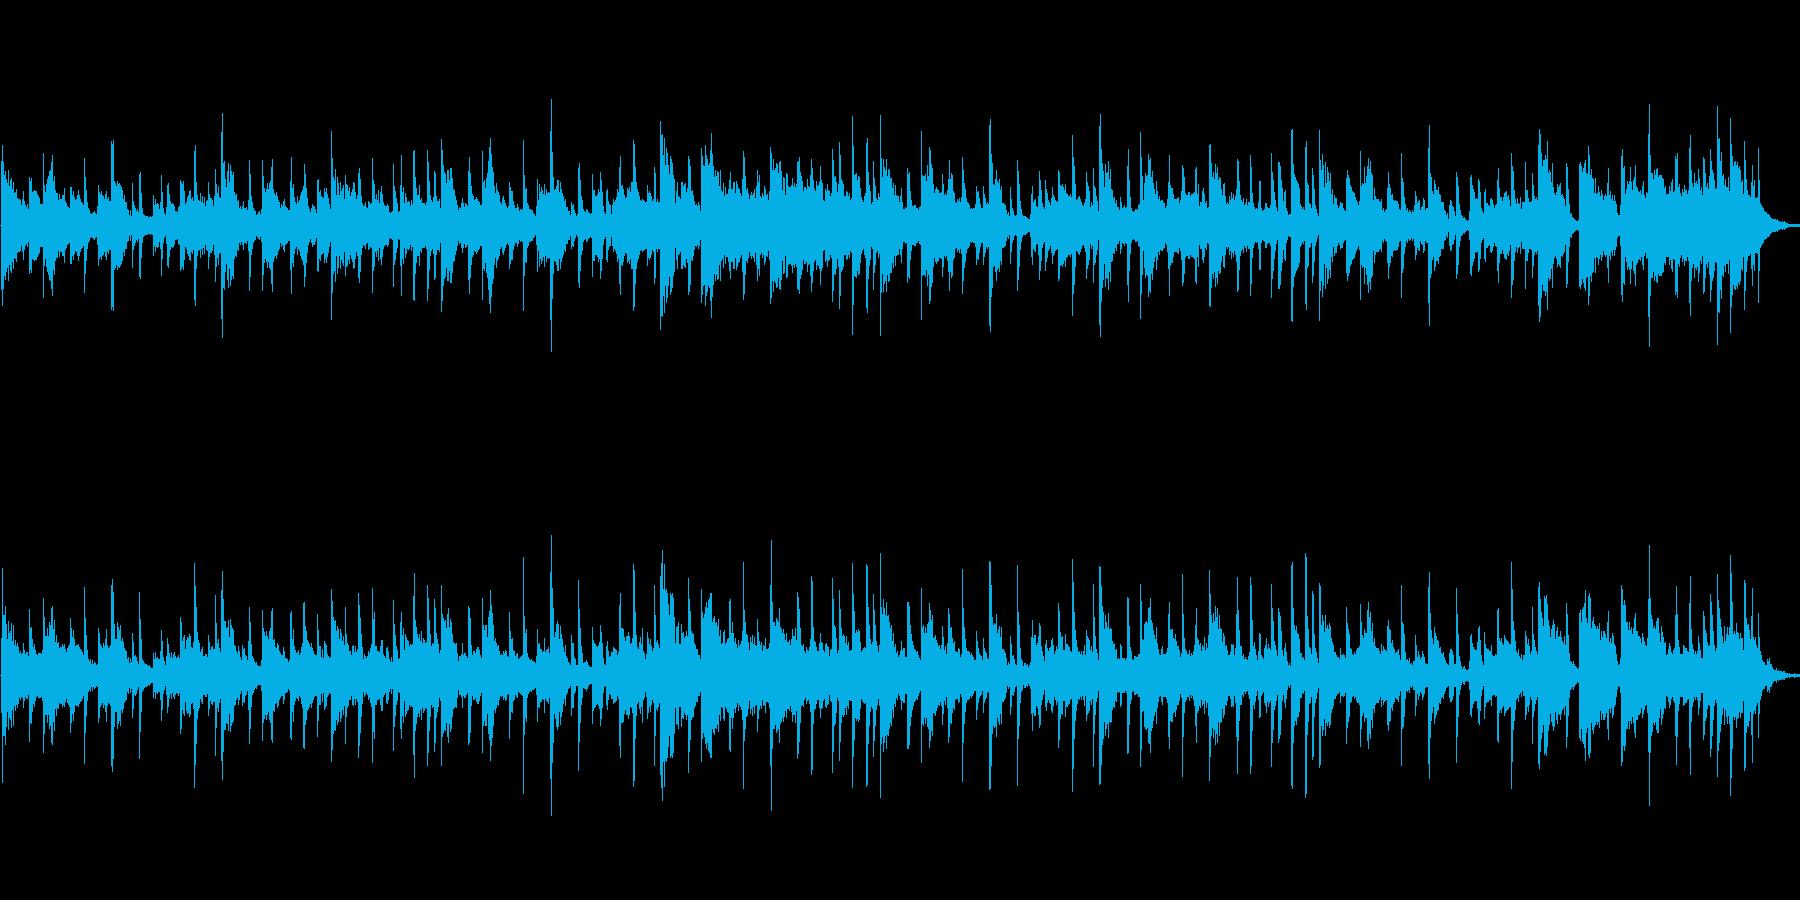 緊張感のあるエキサイティングな曲の再生済みの波形